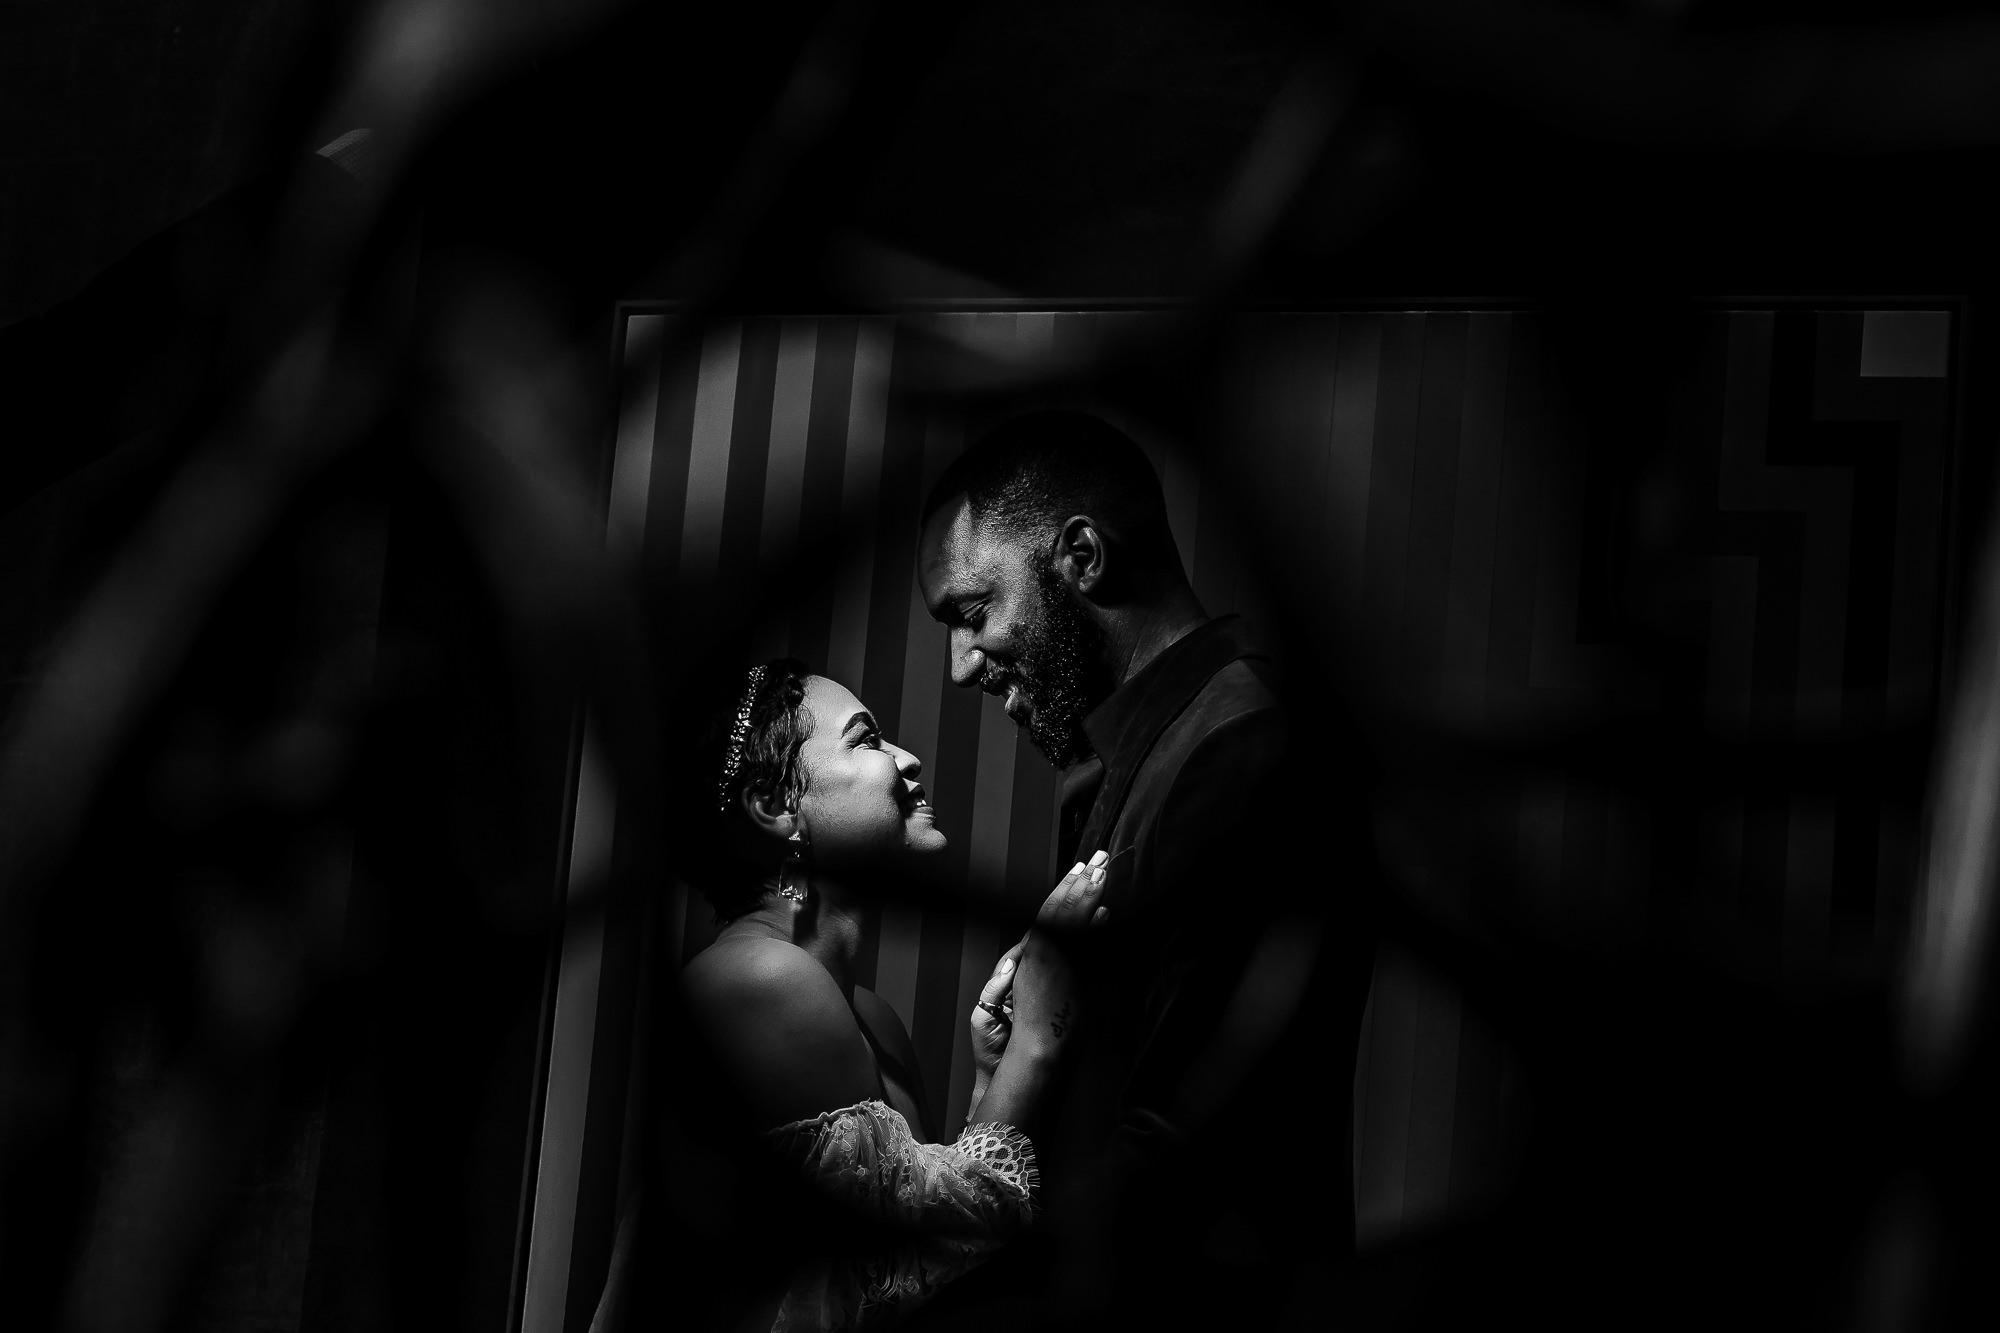 025-025-christopher-jason-studios-university-of-maryland-wedding-raheem-Devaughn-african-american-bride-and-groom.jpg